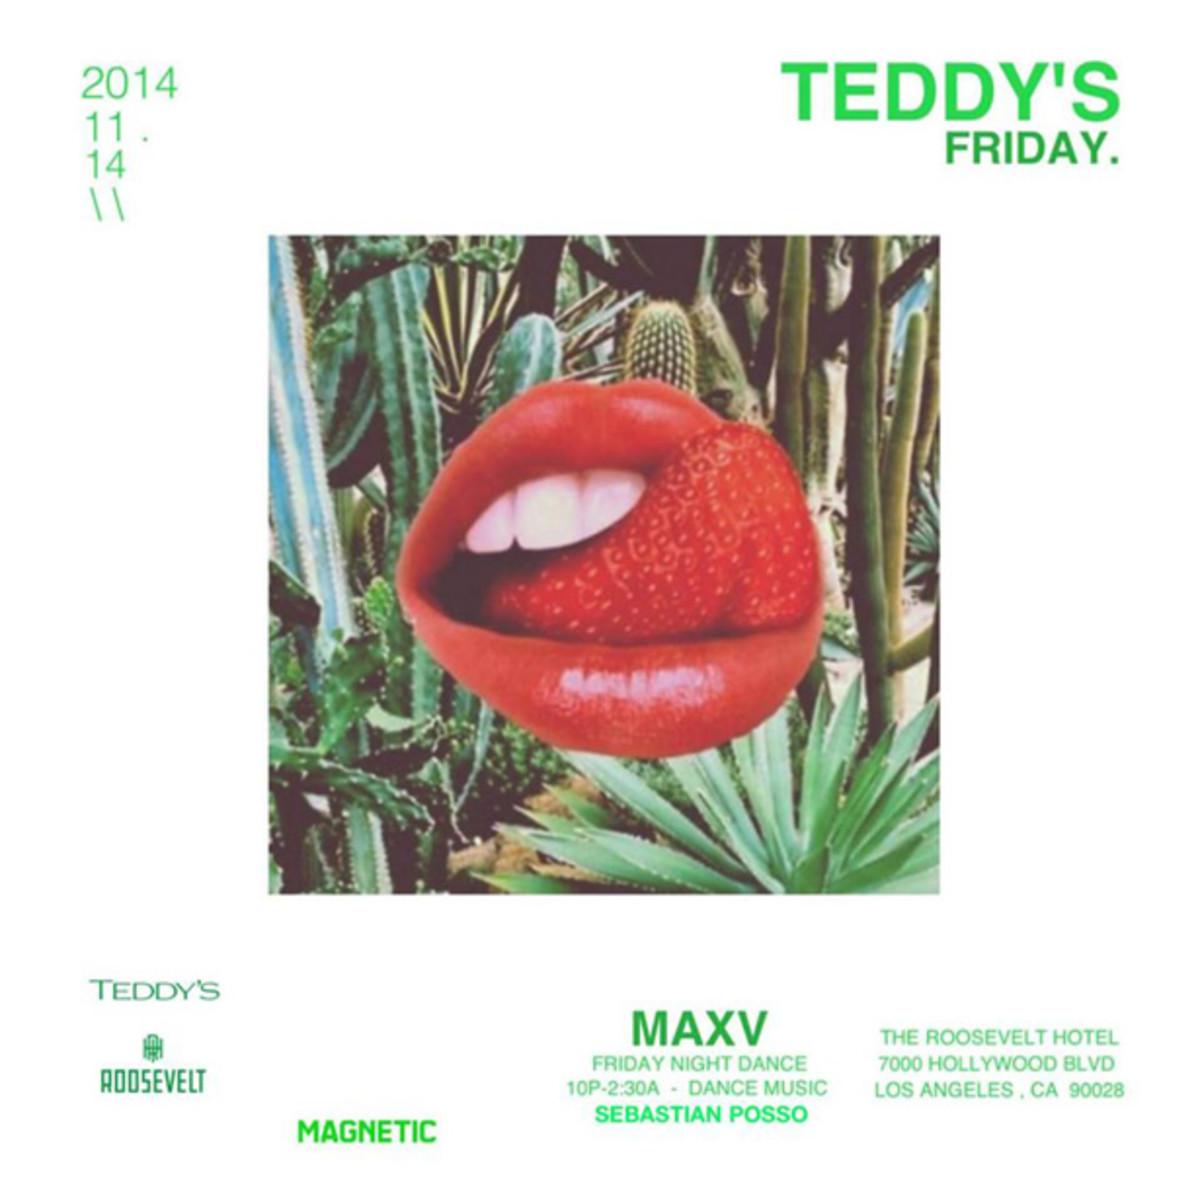 Teddy's Fridays @ The Roosevelt Hollywood